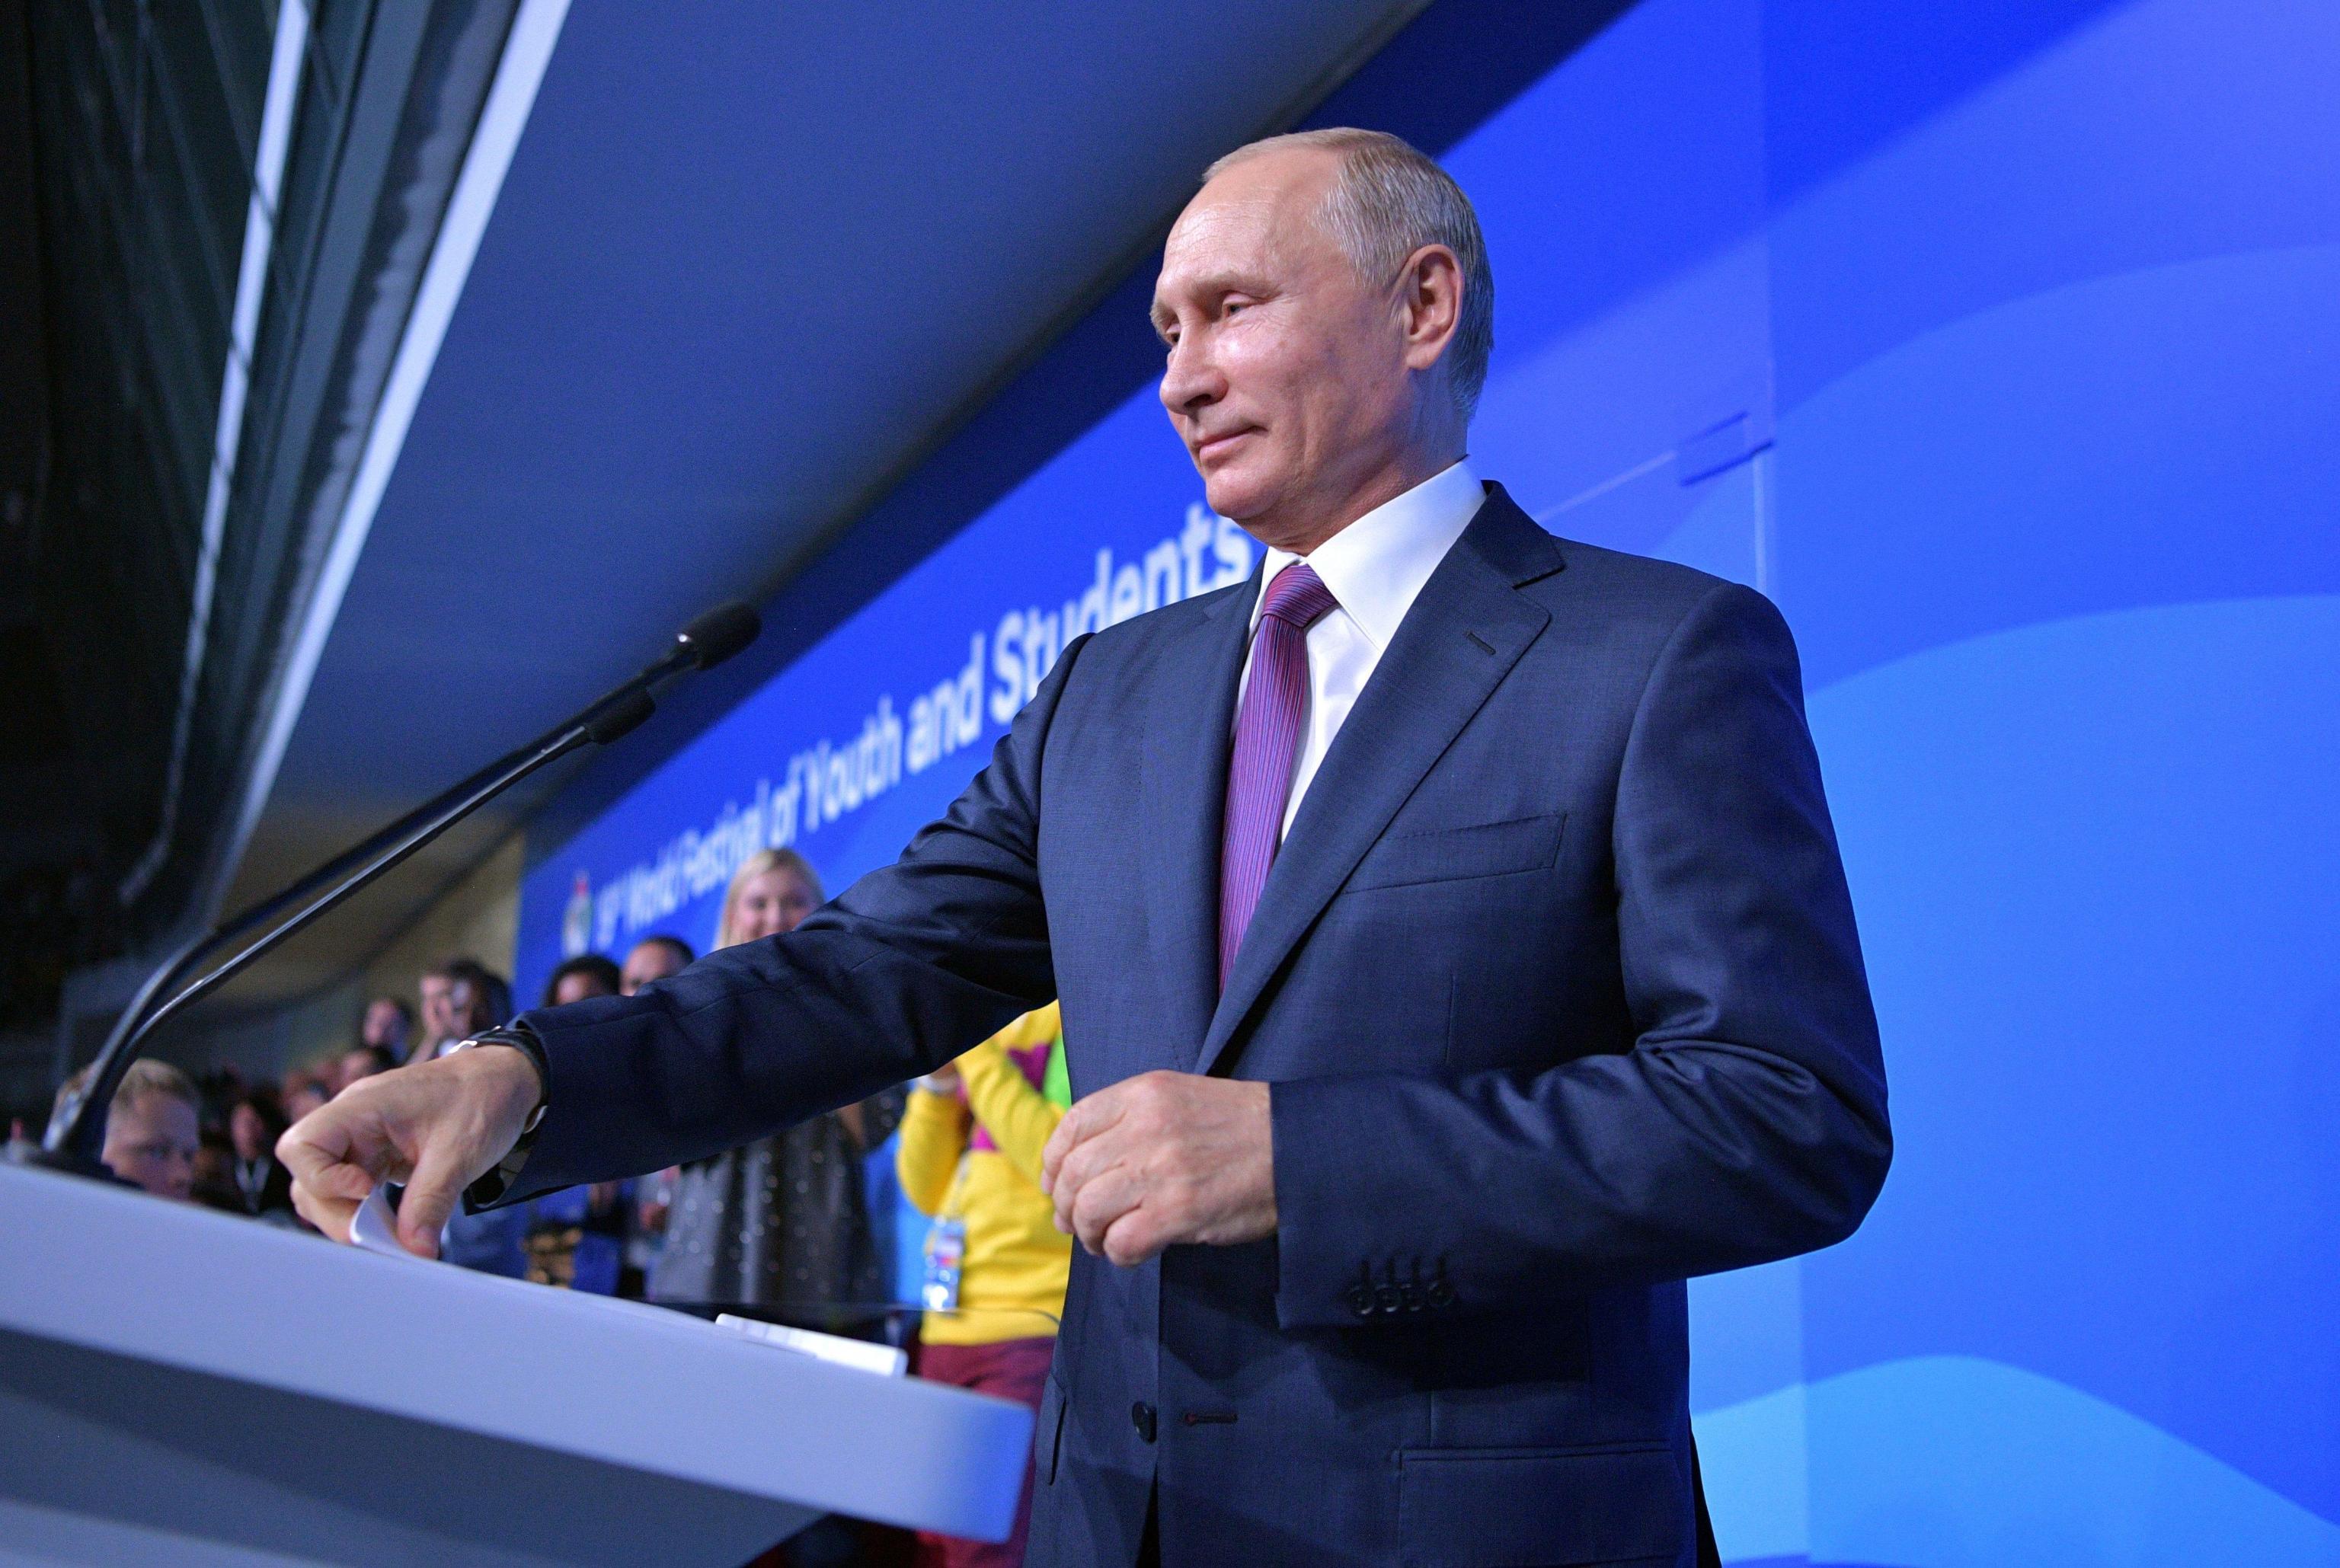 In Russia presto 'criptorublo', ok Putin